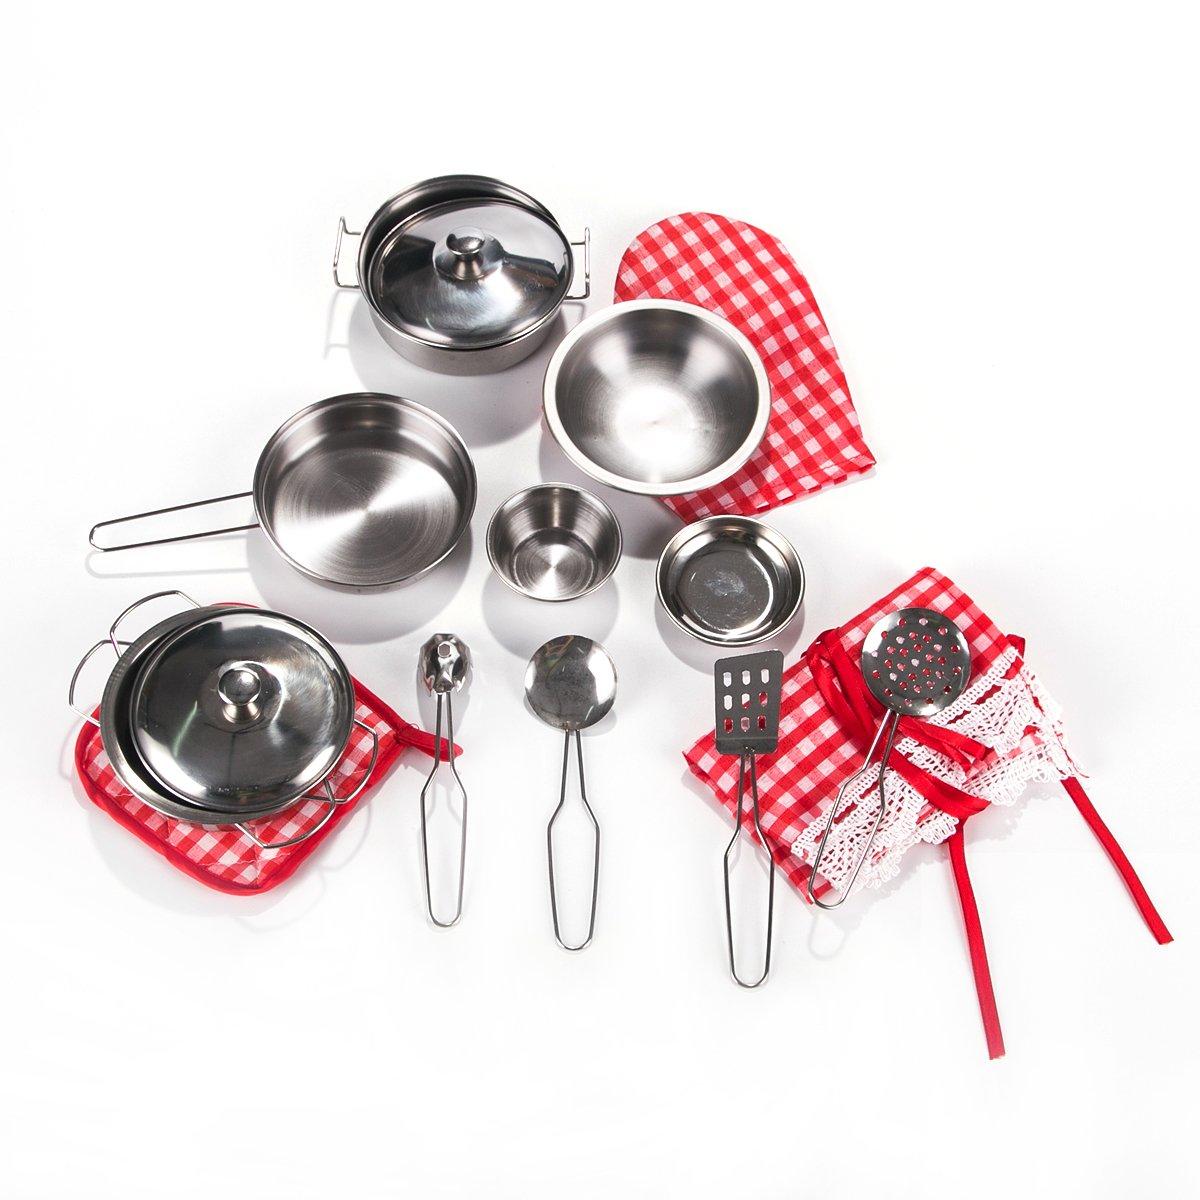 Amazon.com : Toyerbee Pretend Play Toys - Kitchen Toys 16 Pcs ...